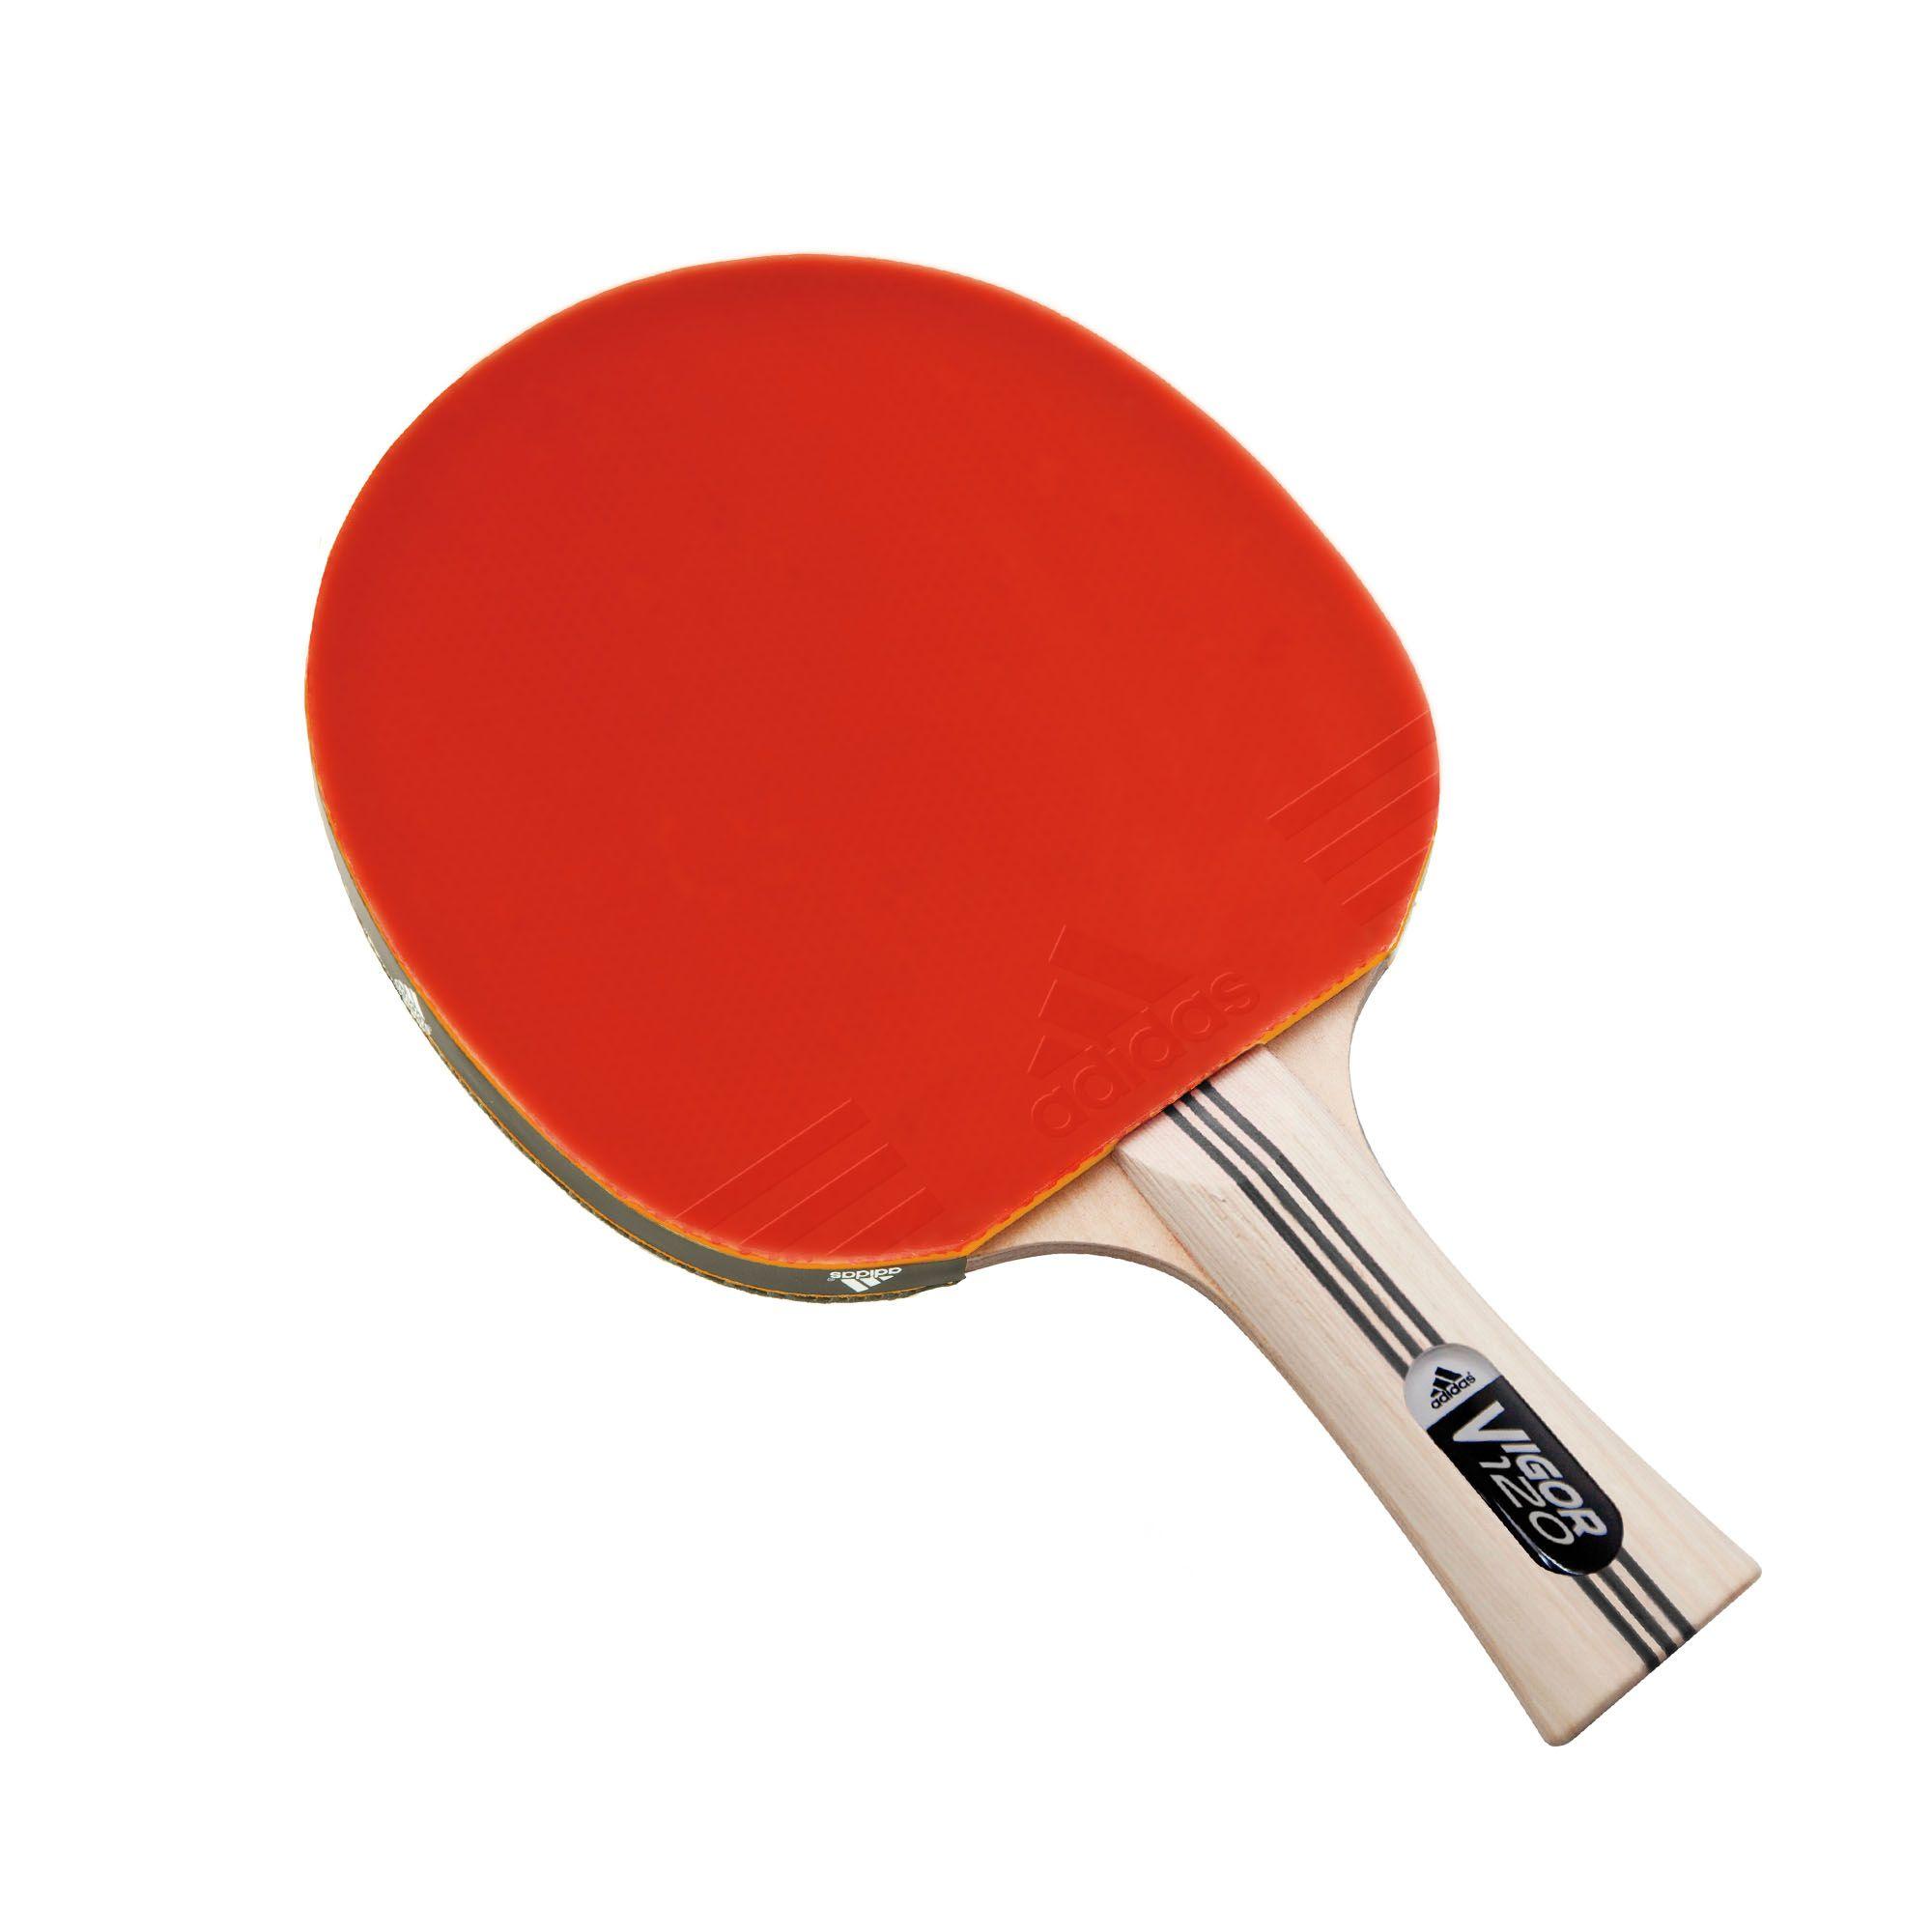 Table tennis bat deals : Dream duffel coupons 2018